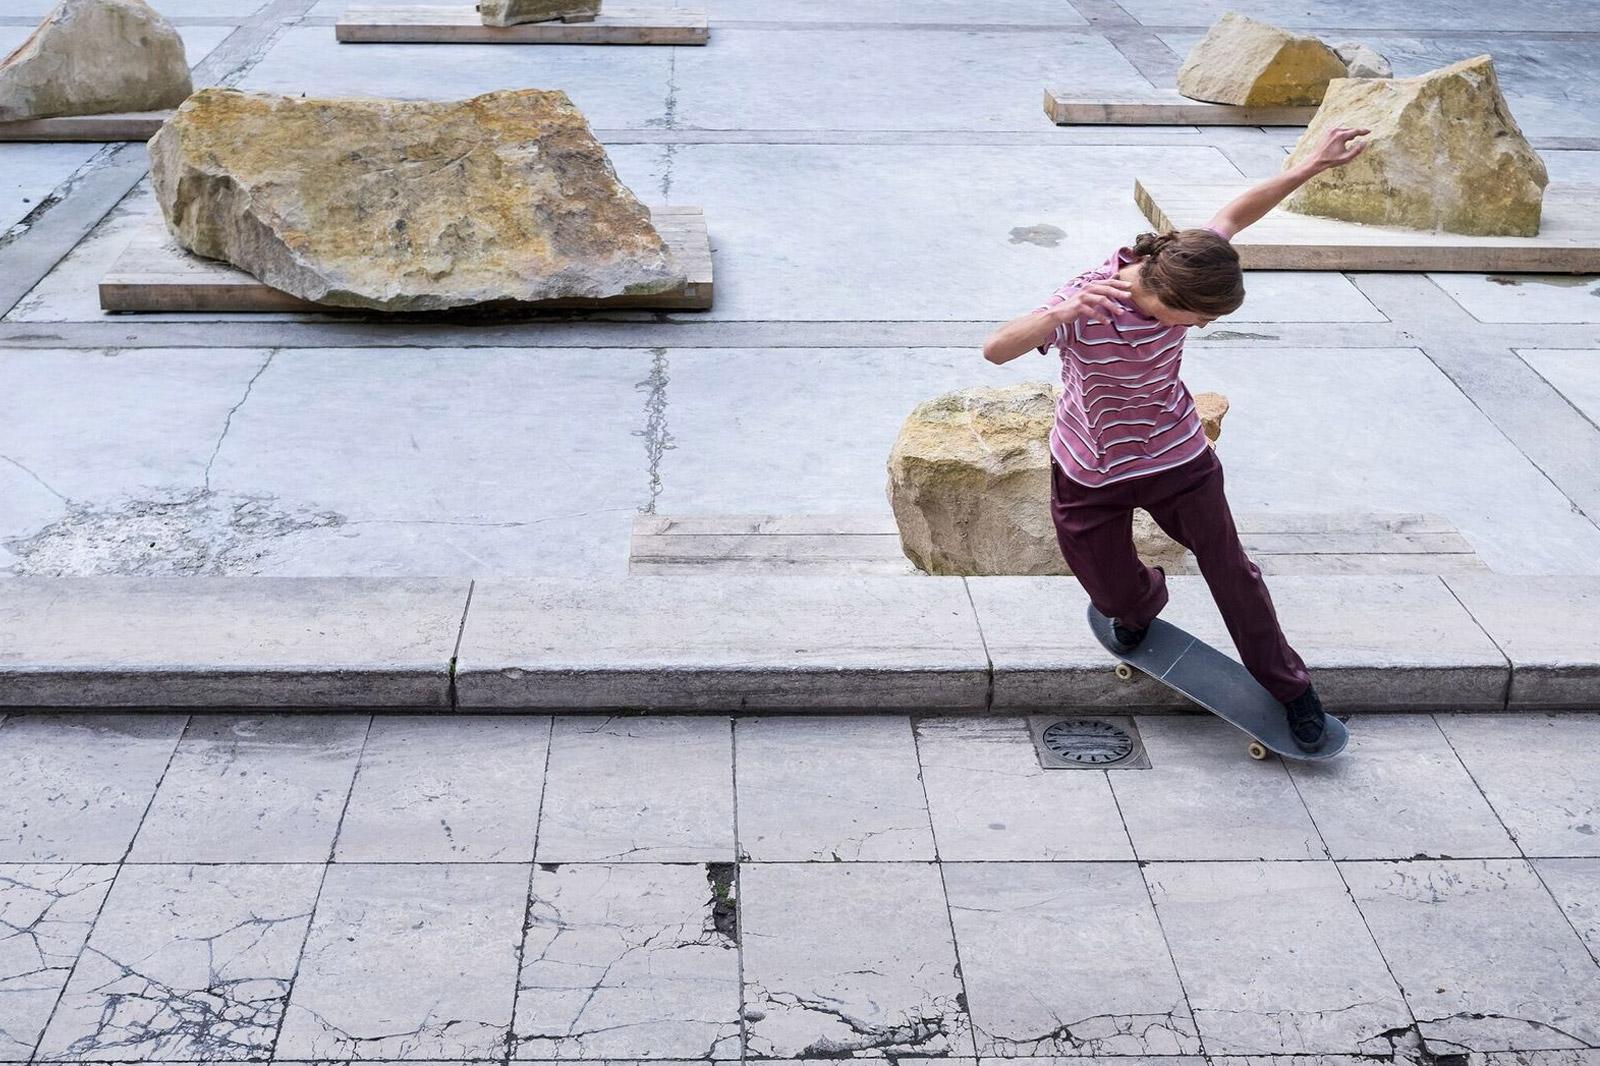 polar-skate-co-tres-bien-bonkers-blog-06